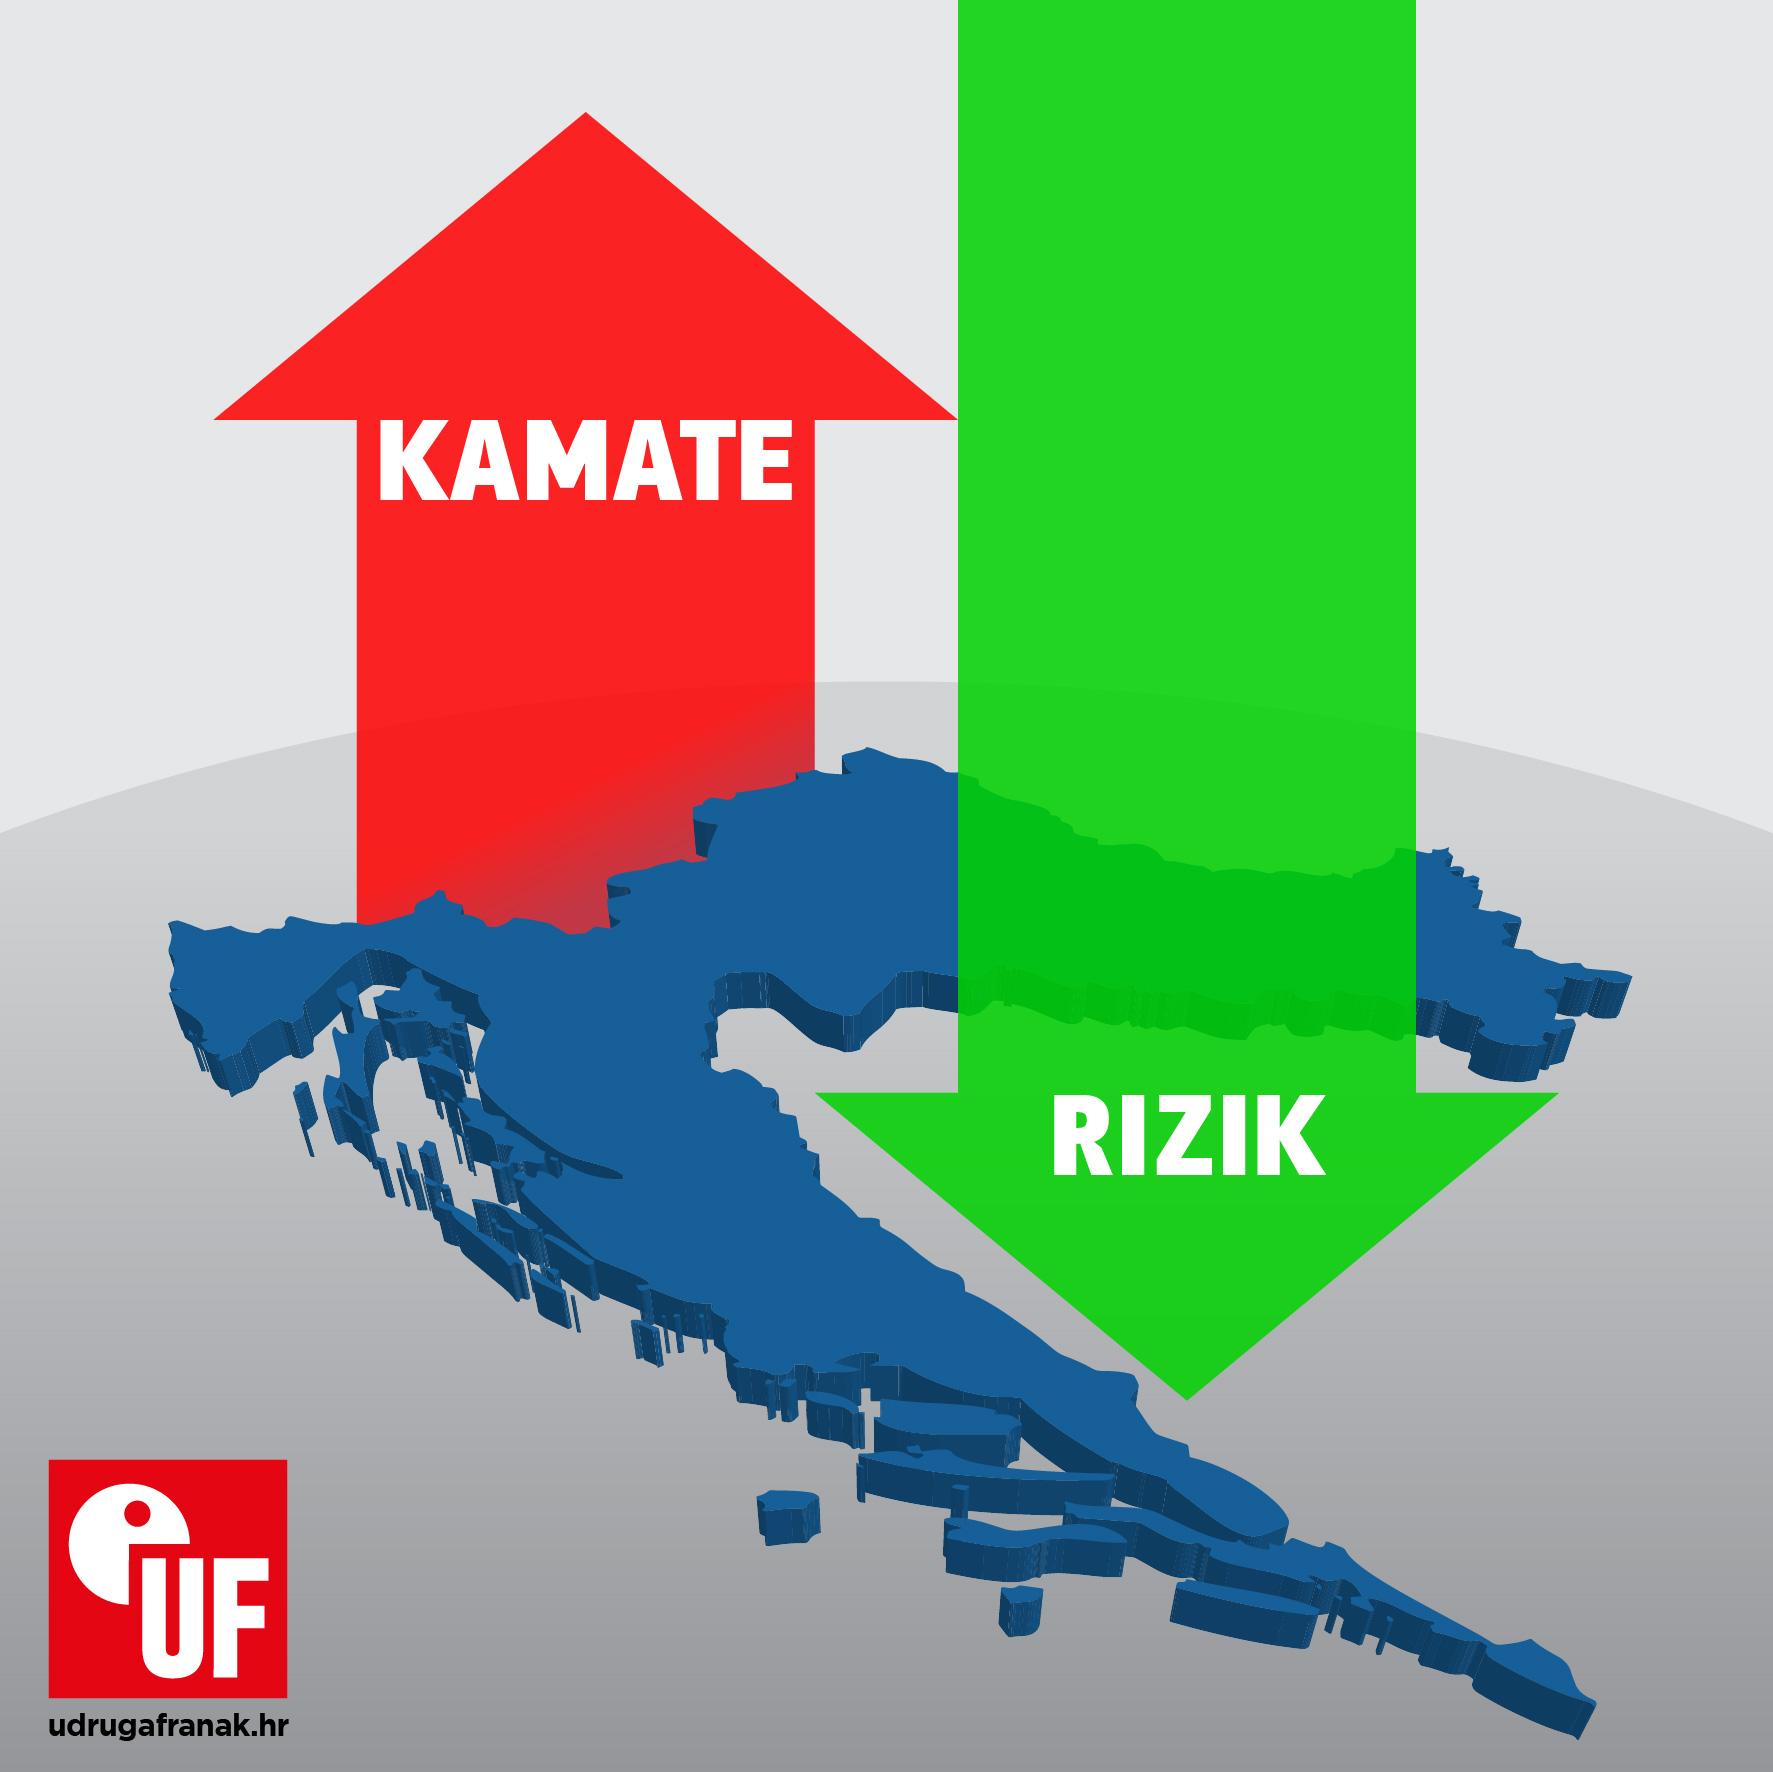 RH kamate-rizik-03